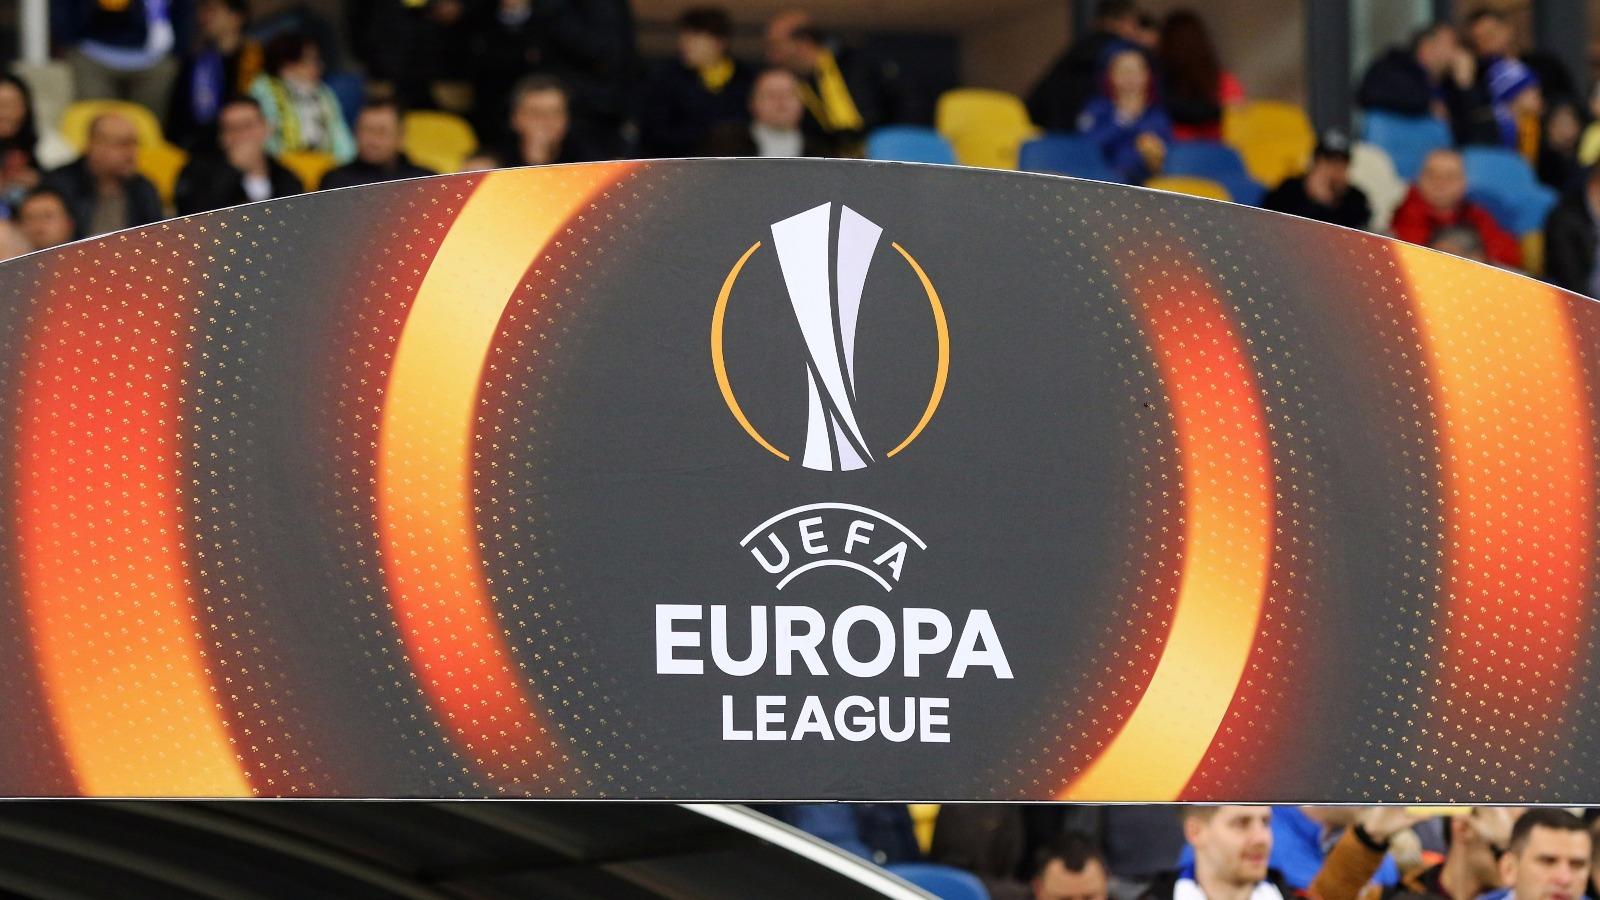 europa league fixed matches 18